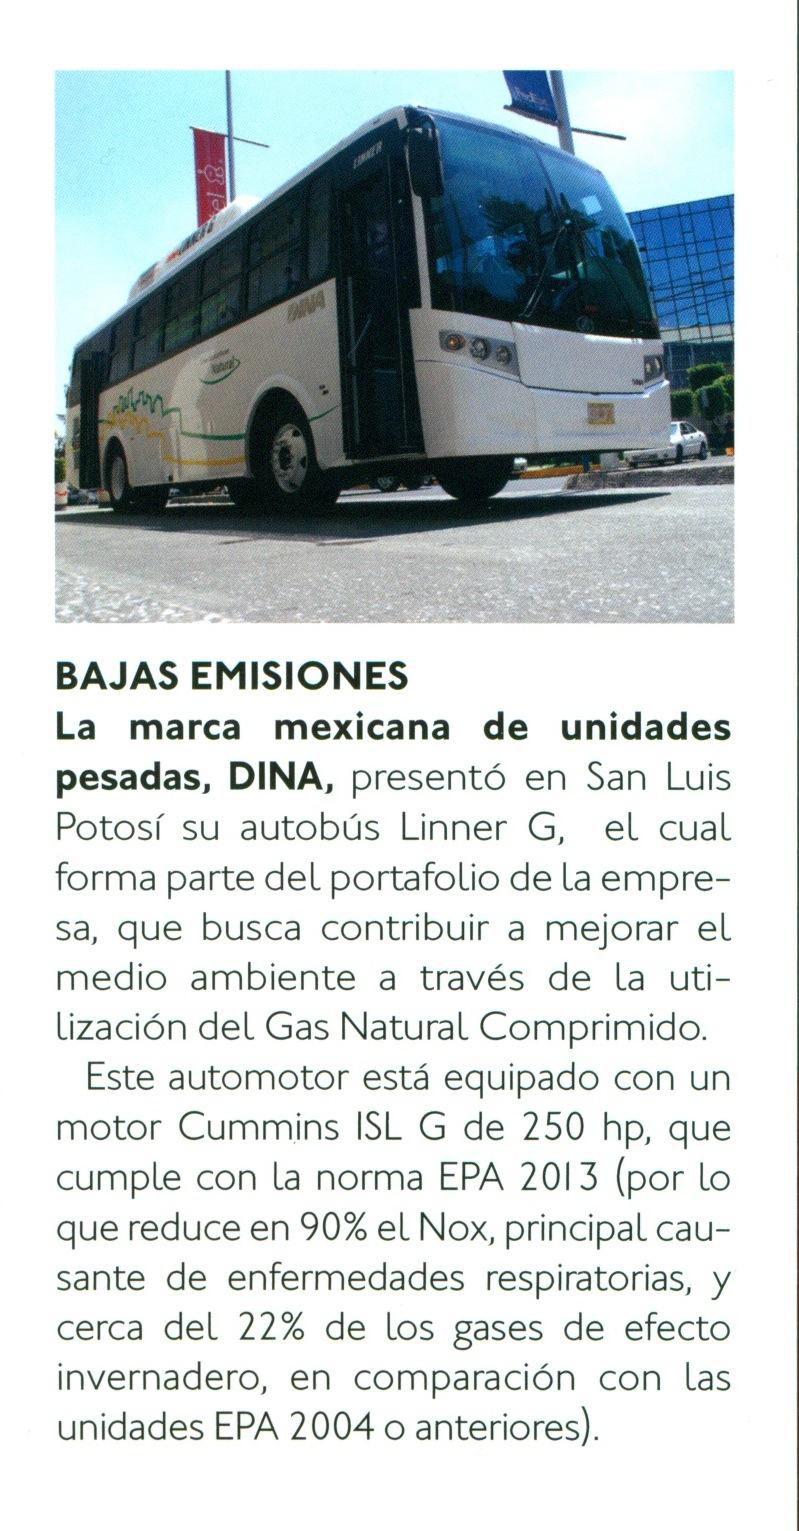 Revista %22Transportes y Turismo%22 Diciembre 2013 Pag. 23